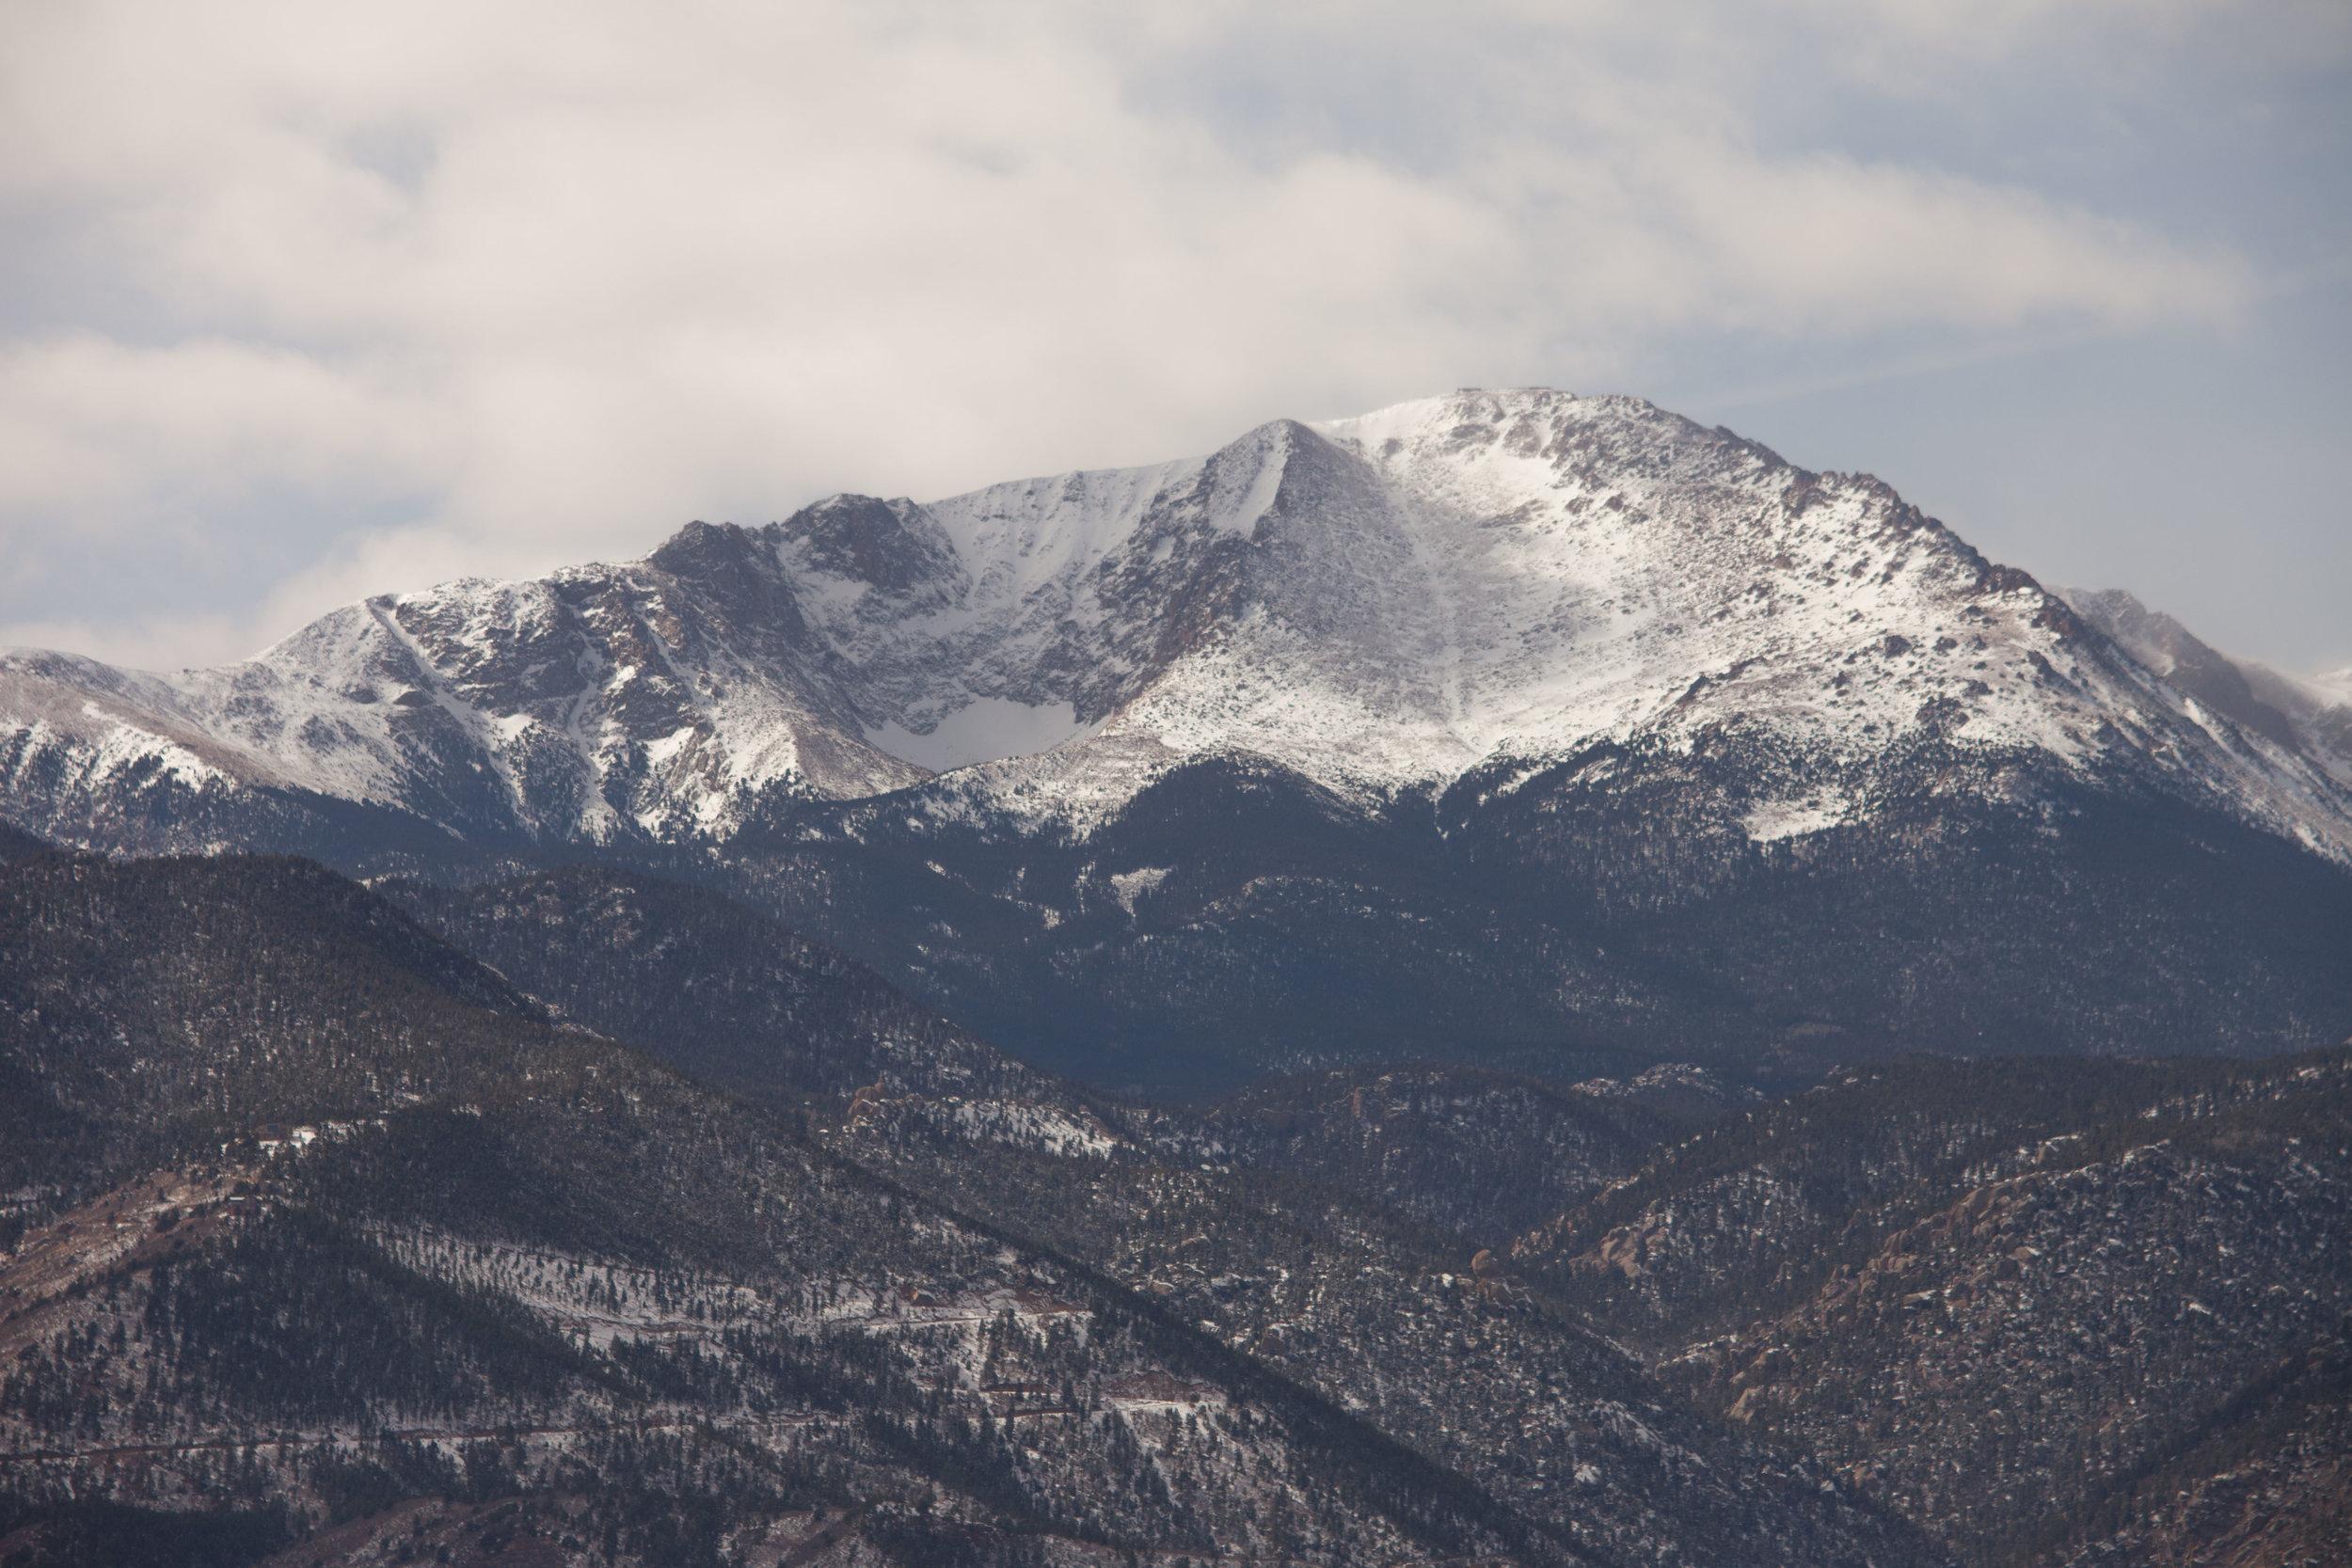 Goodbye Pike's Peak!